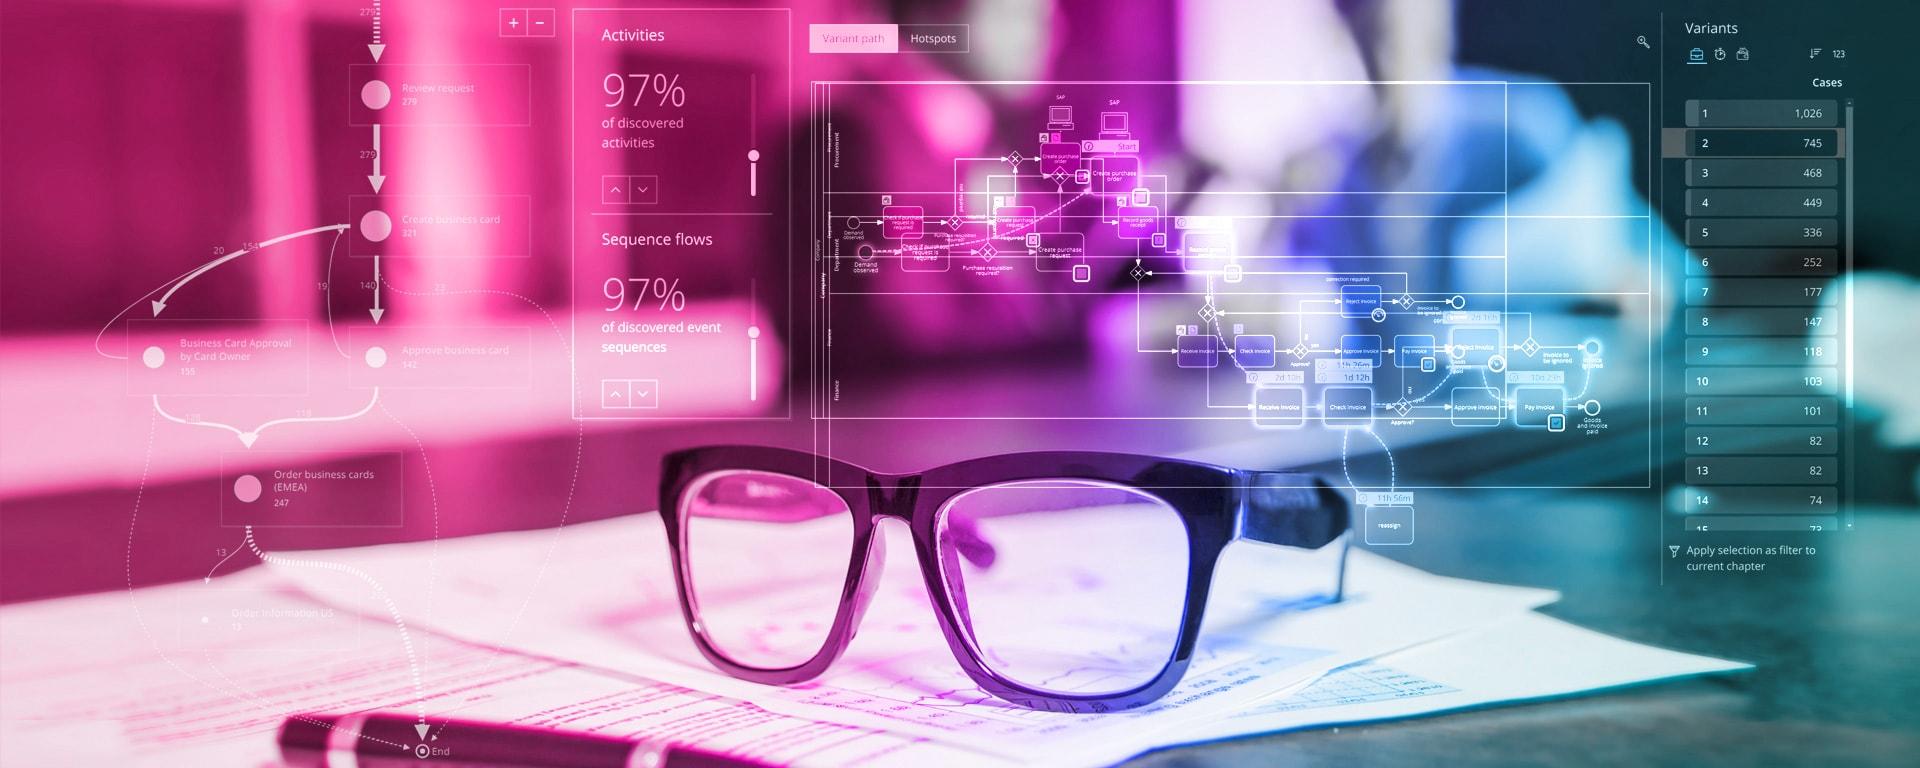 Process Mining for Banks blog header image - glasses on paper magenta